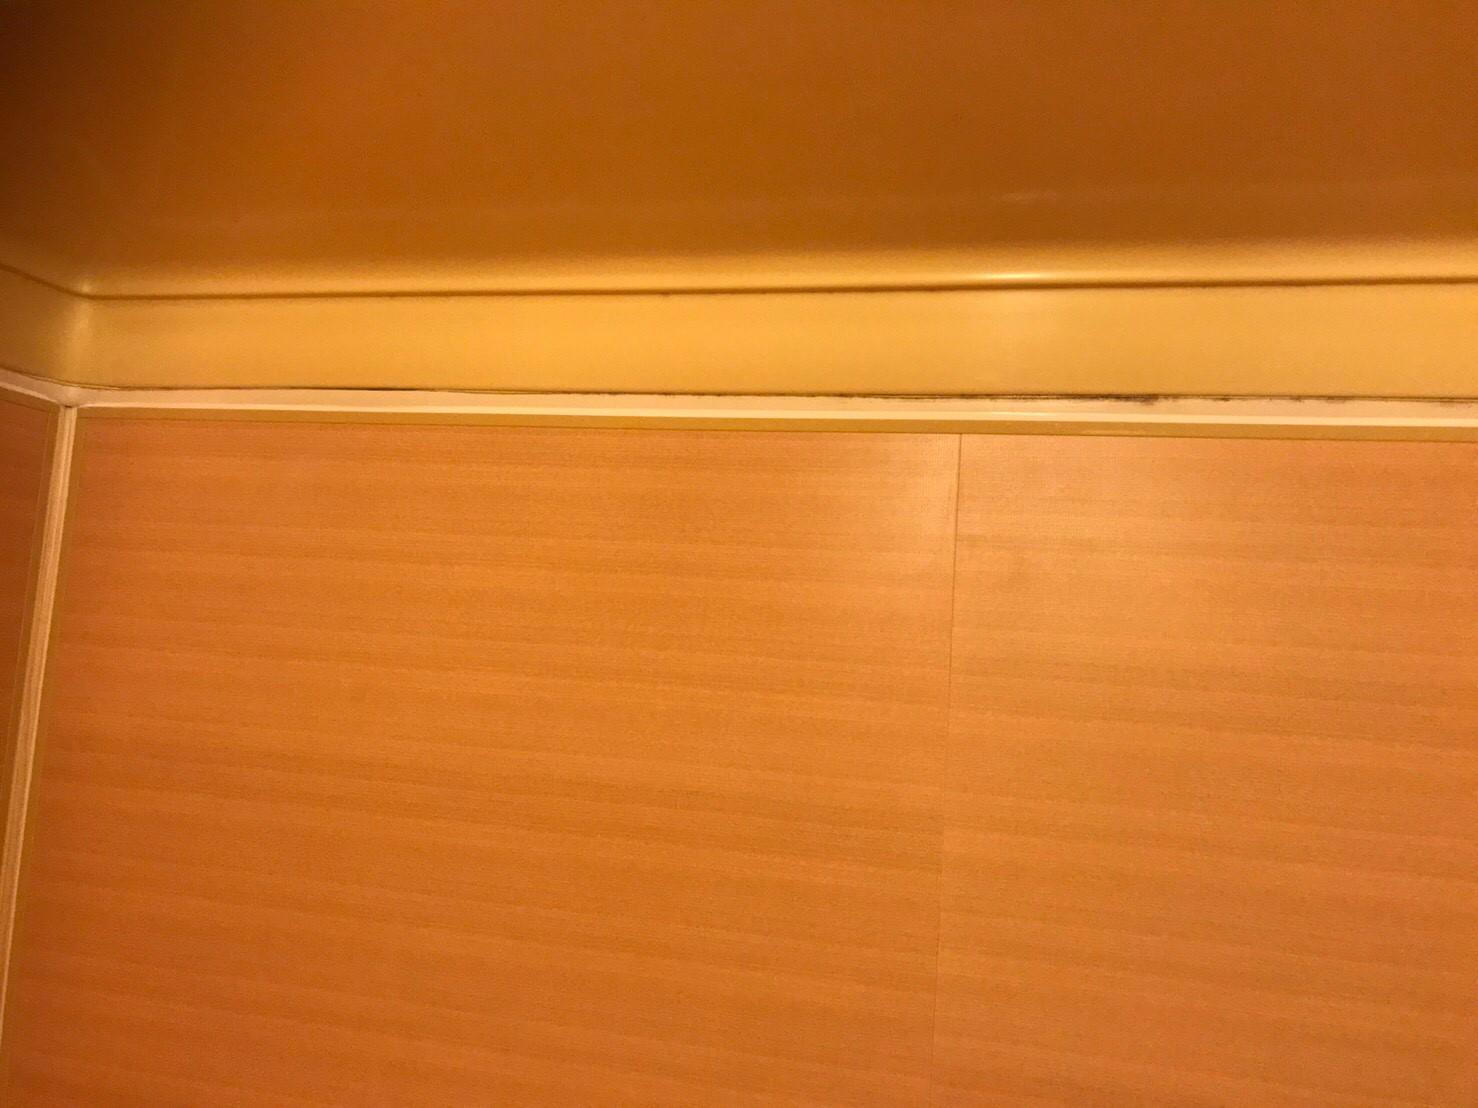 マンション 浴室壁リフォーム工事 (神奈川県横浜市港北区)